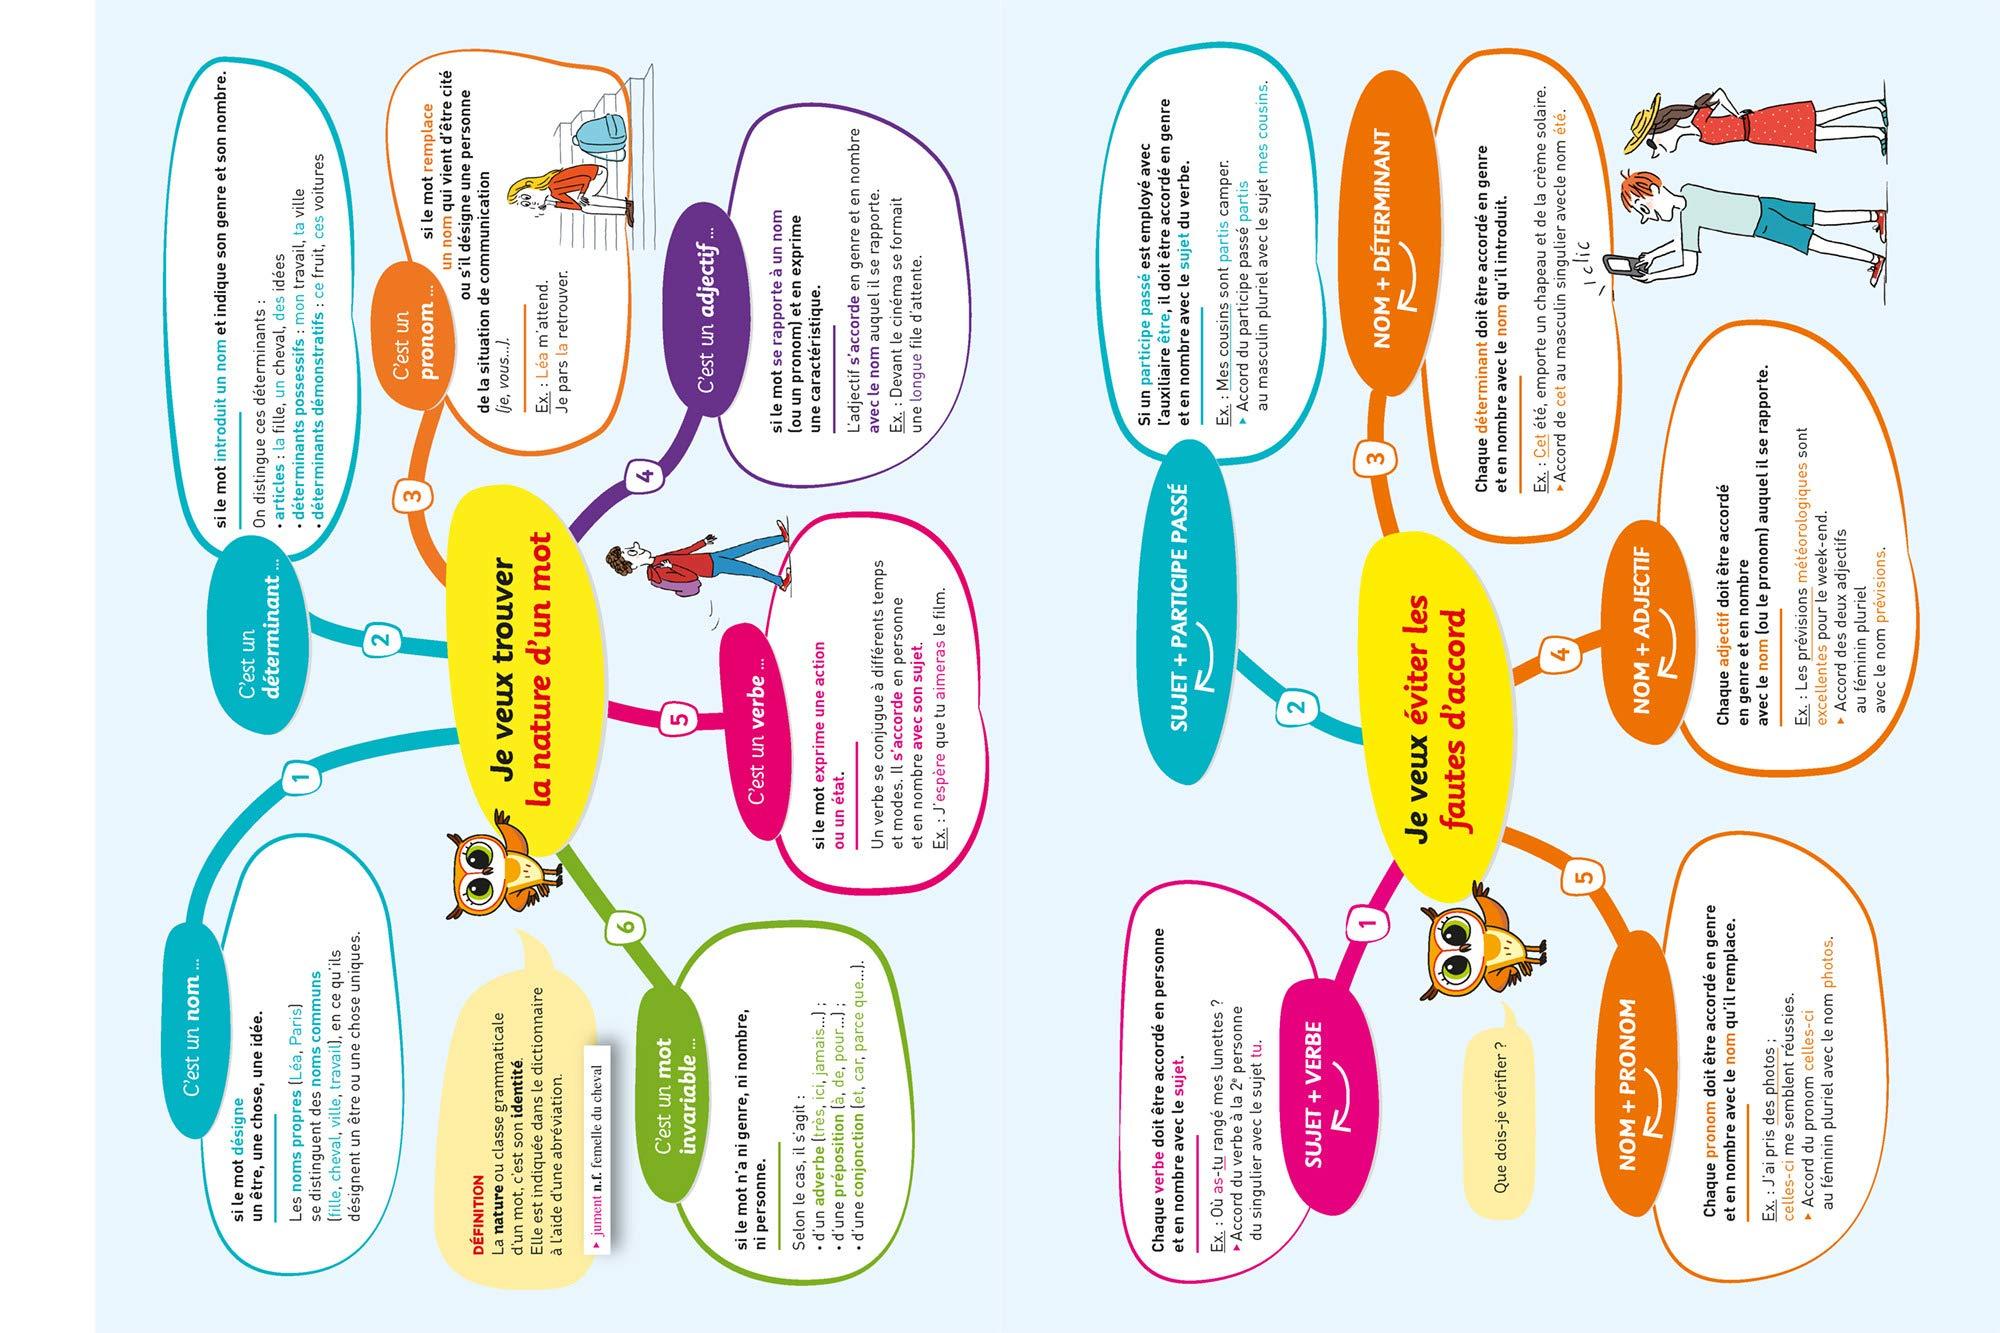 Chouette Entrainement - 2 - Français 6e - Cahier dEntrainement et de Révision: Amazon.es: Girard Sandrine: Libros en idiomas extranjeros